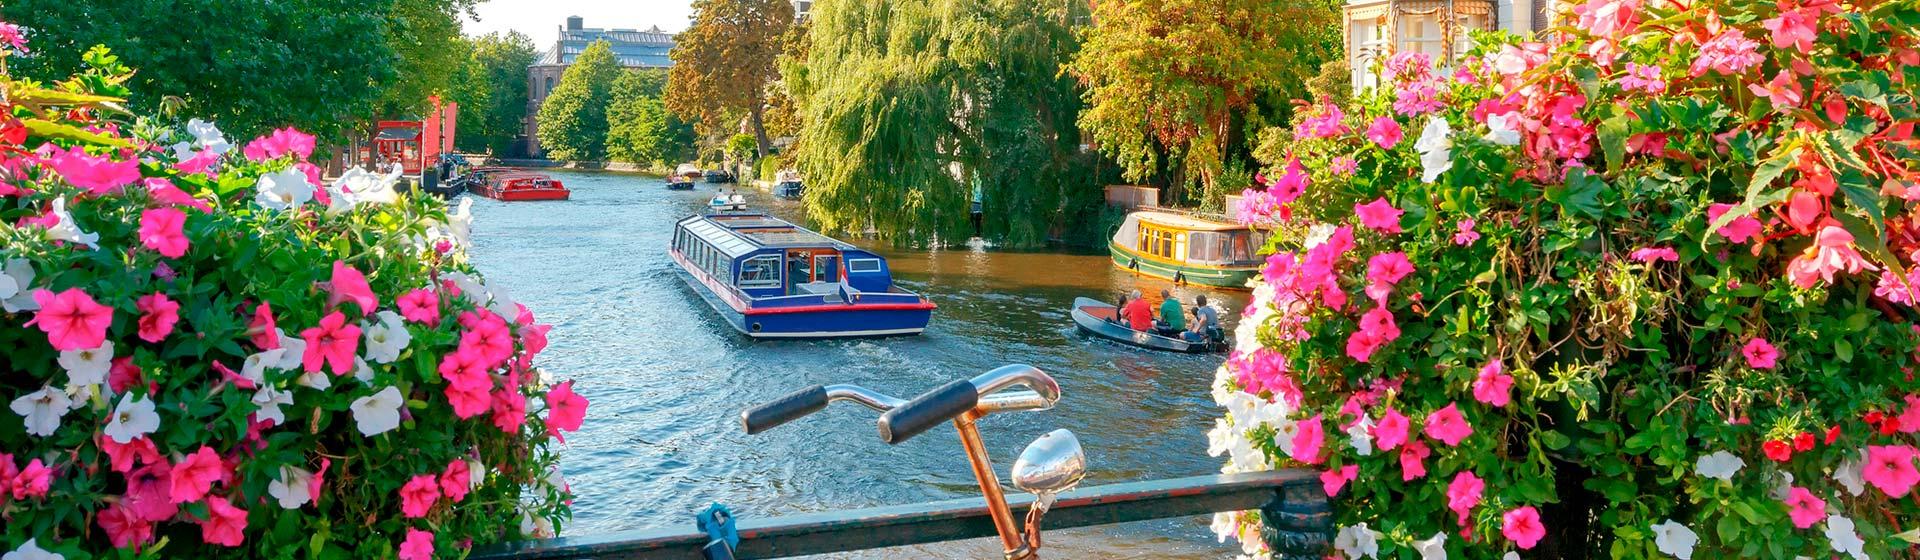 Ofertas de viajes a Holanda